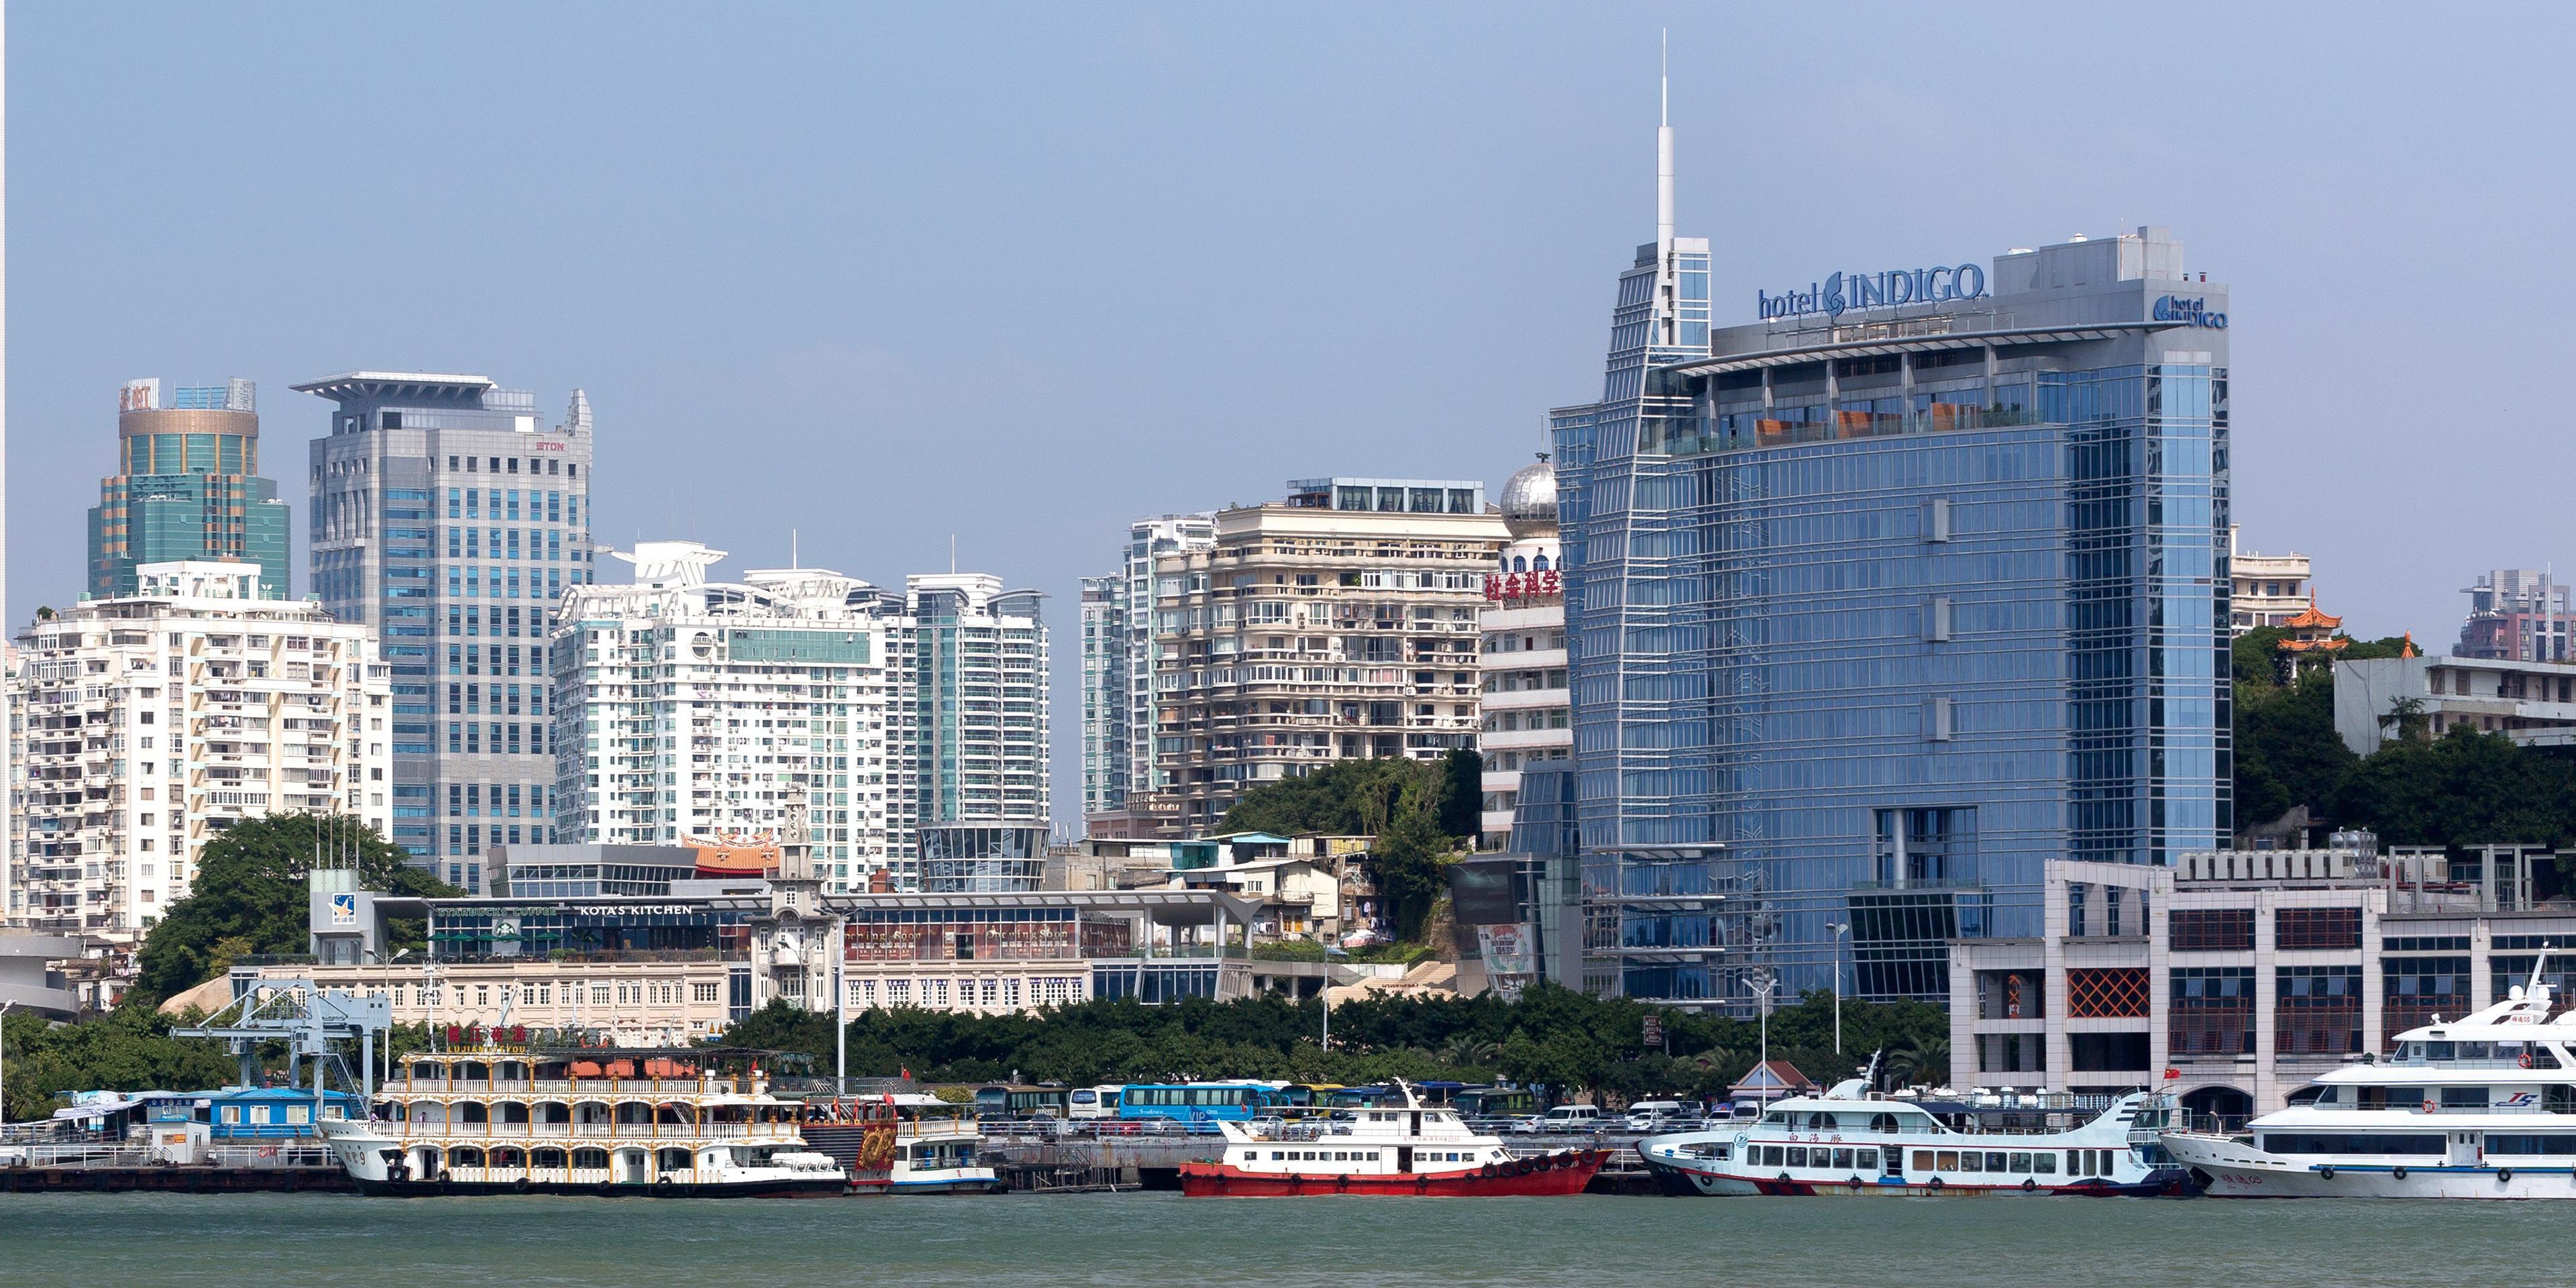 xiamen hotels hotel indigo xiamen harbour hotel in xiamen fj rh ihg com